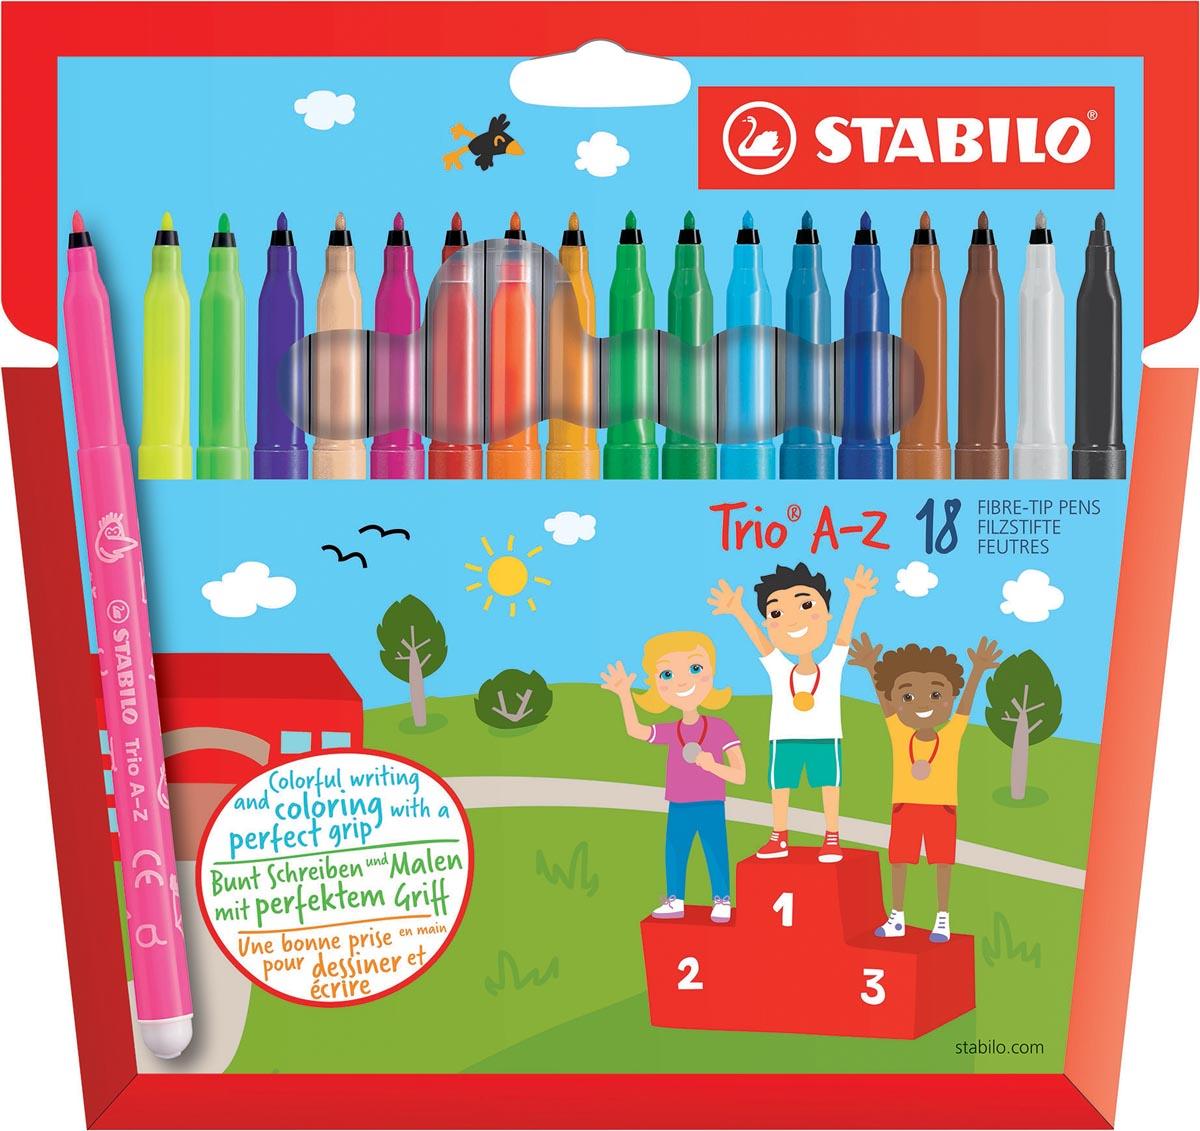 STABILO Trio A-Z viltstift, etui van 18 stuks in geassorteerde kleuren